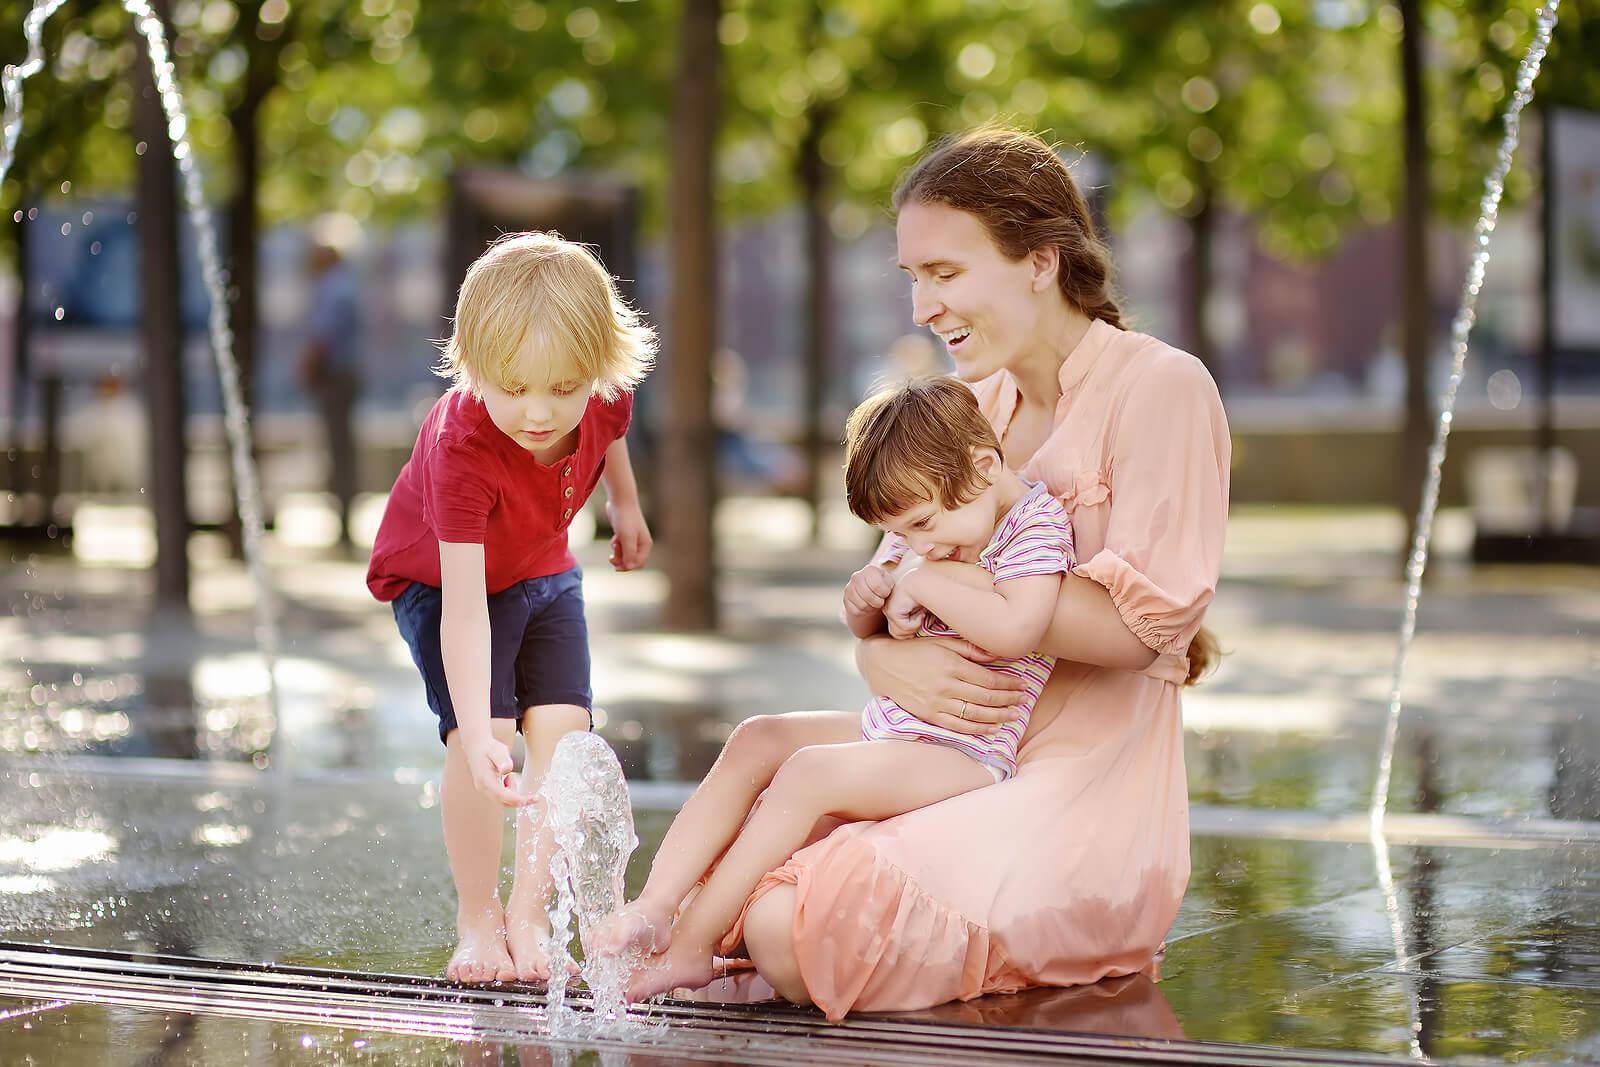 Madre jugando con sus hijos junto a una fuente.